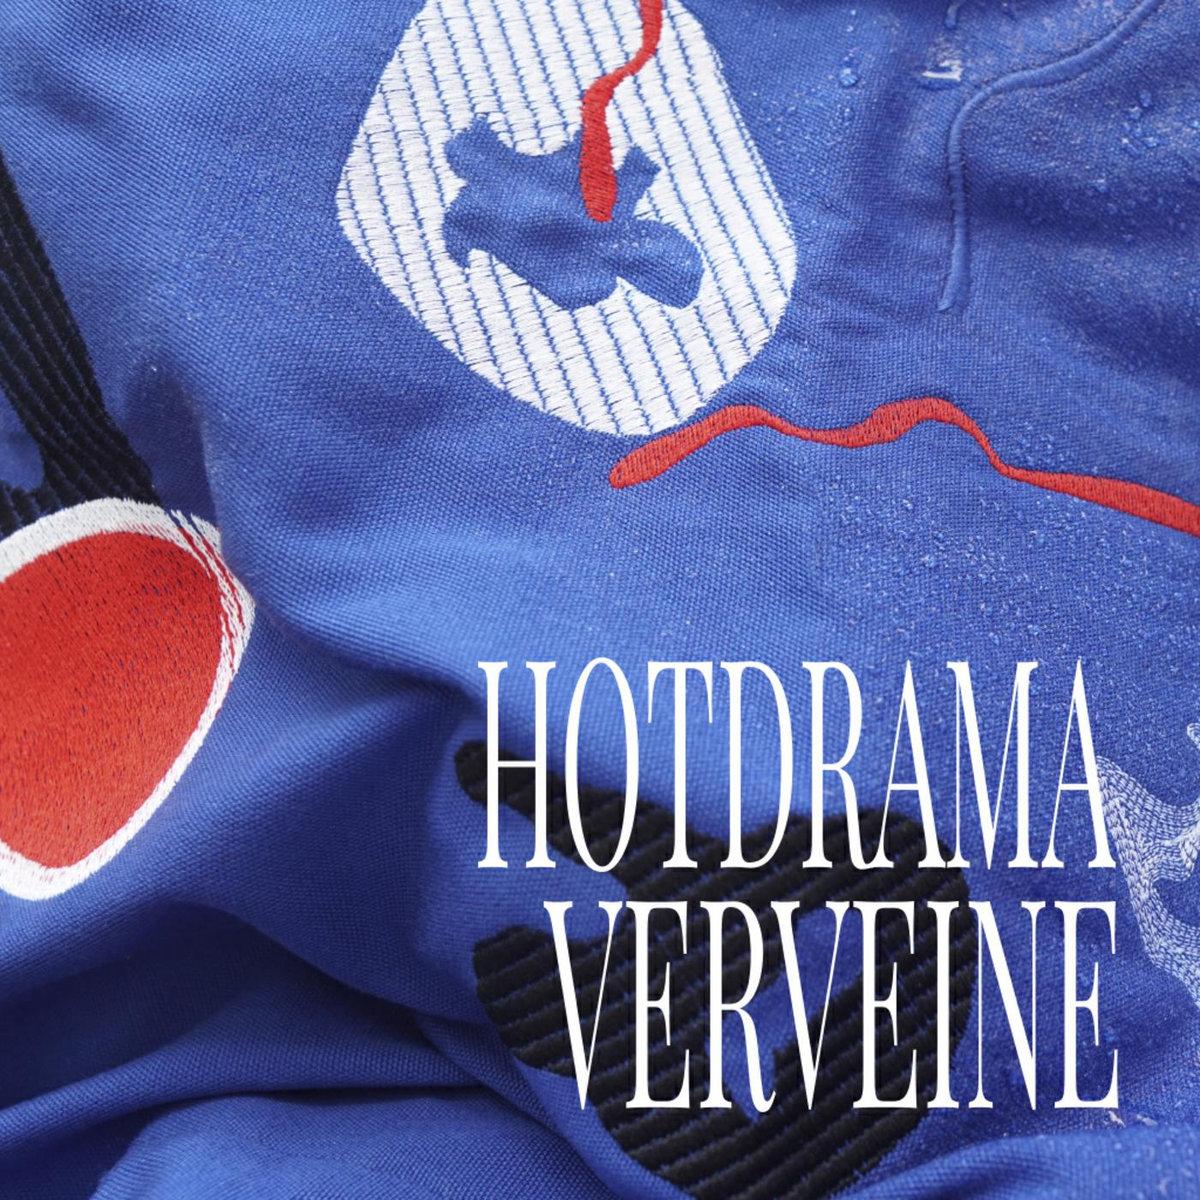 Verveine HOTDRAMA - ©Verveine